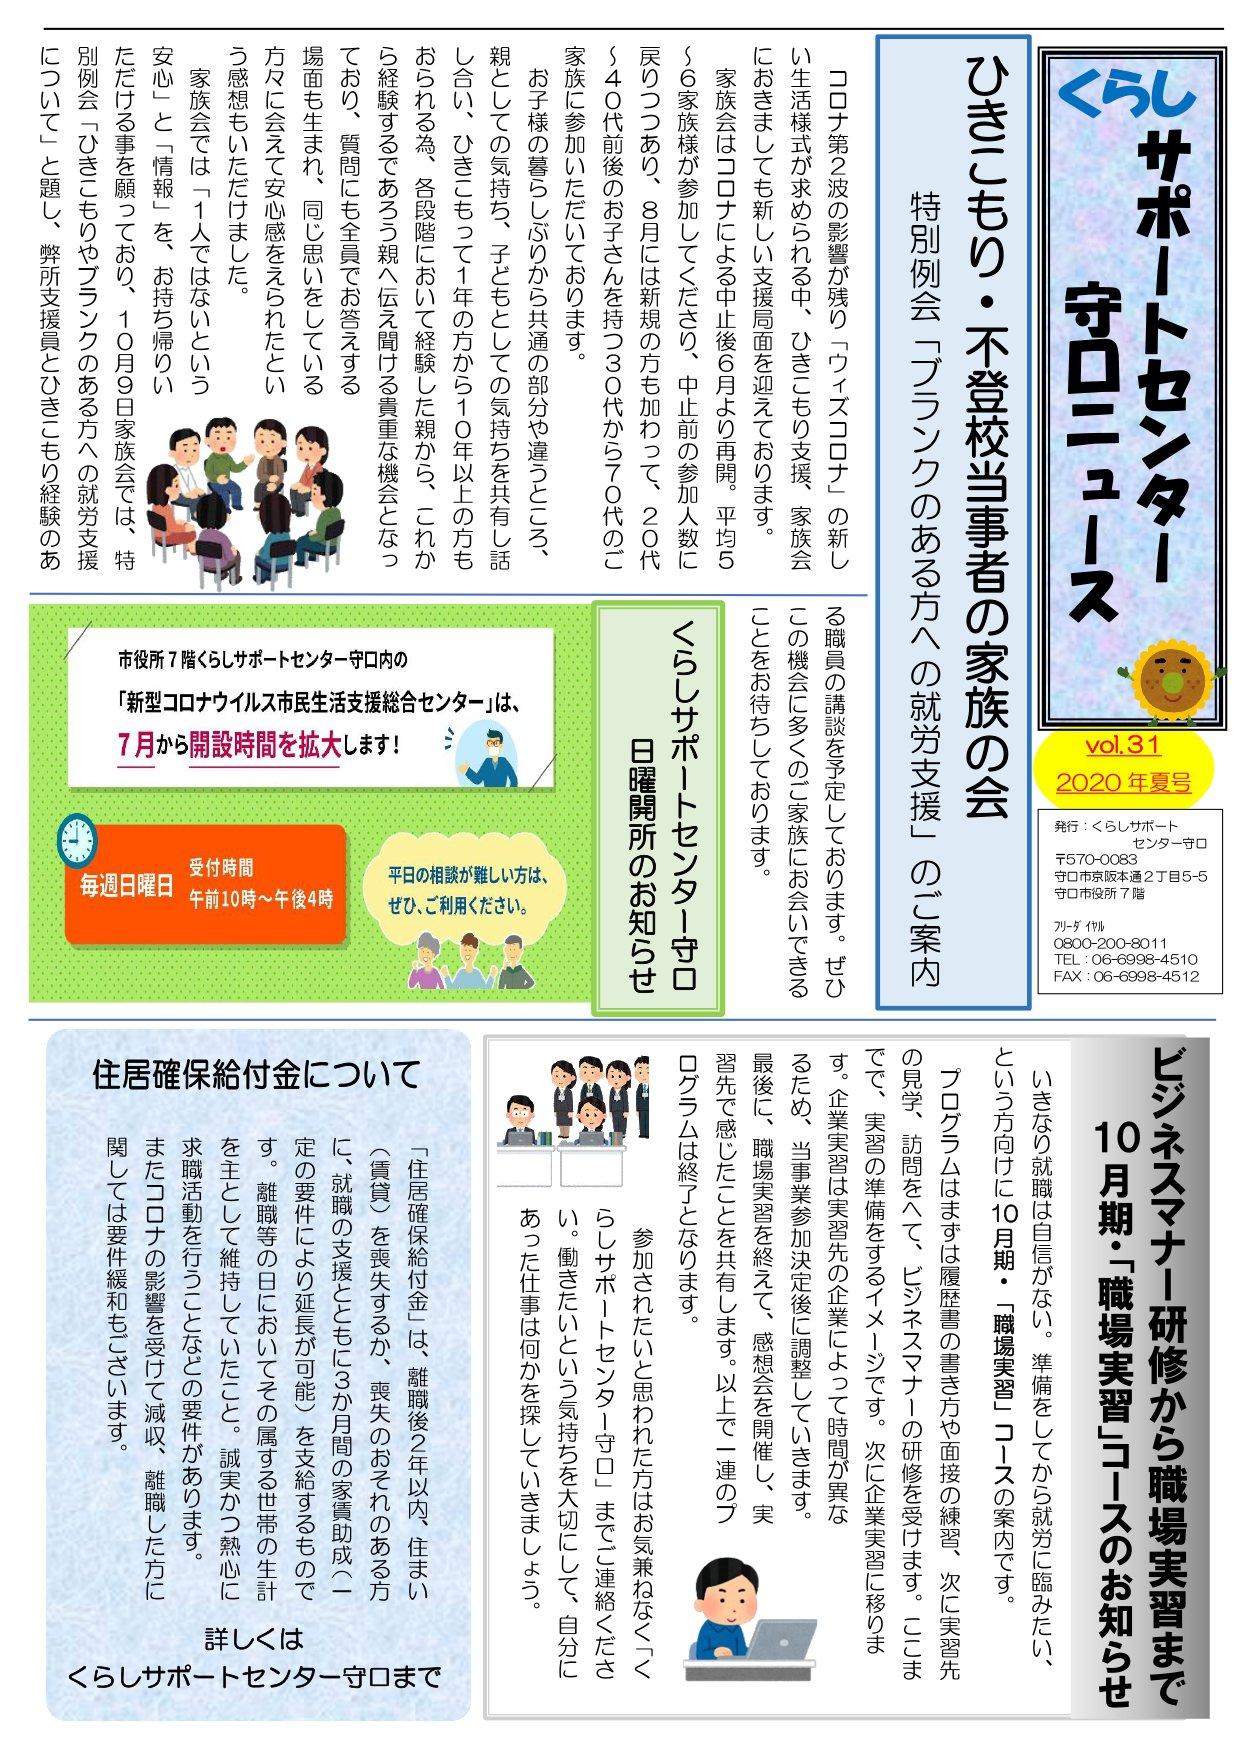 くらサポニュース2020年月号_page-0001.jpg